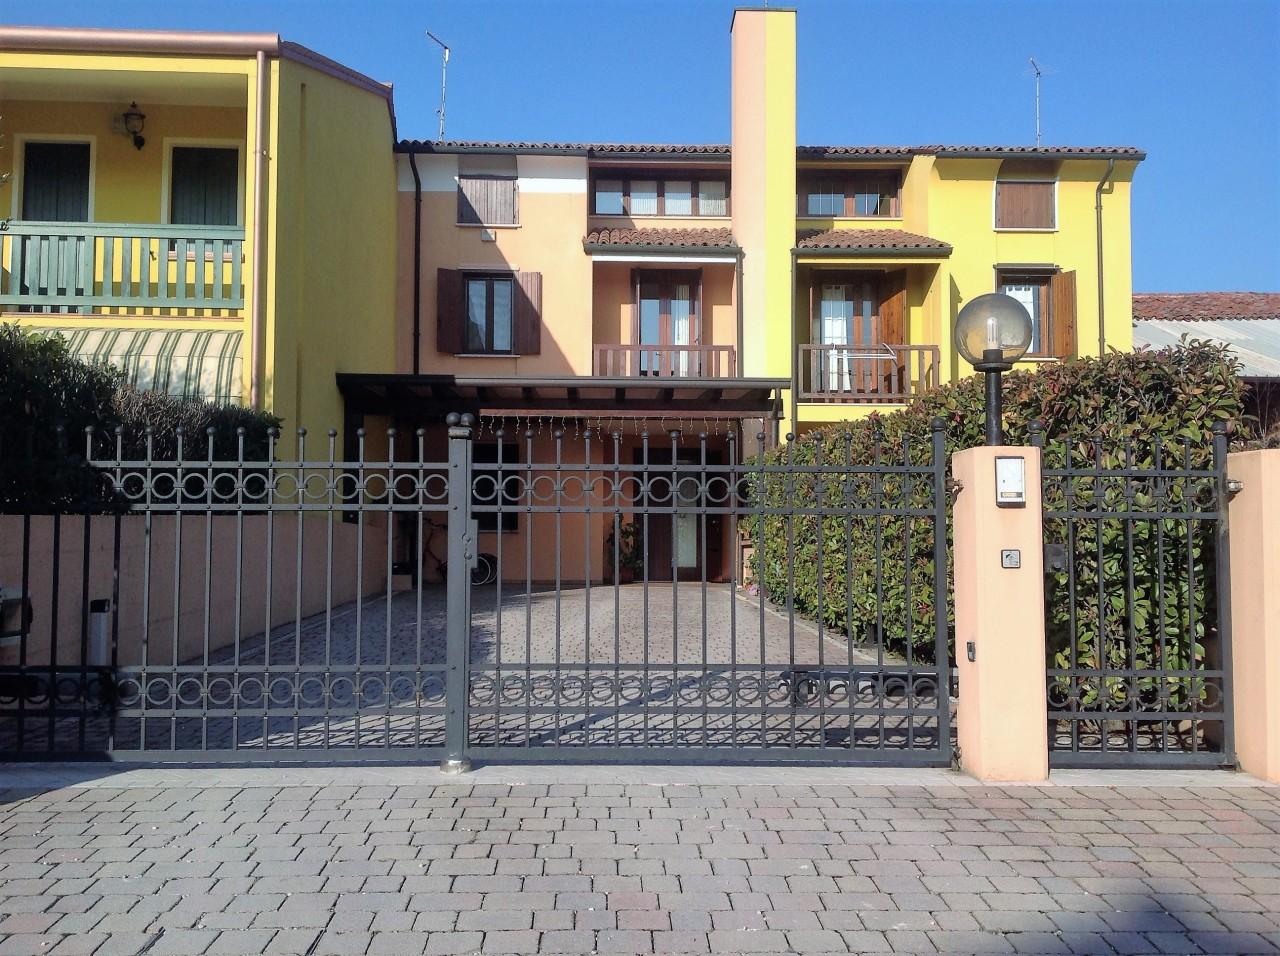 Soluzione Indipendente in vendita a Castelfranco Veneto, 5 locali, prezzo € 170.000 | CambioCasa.it